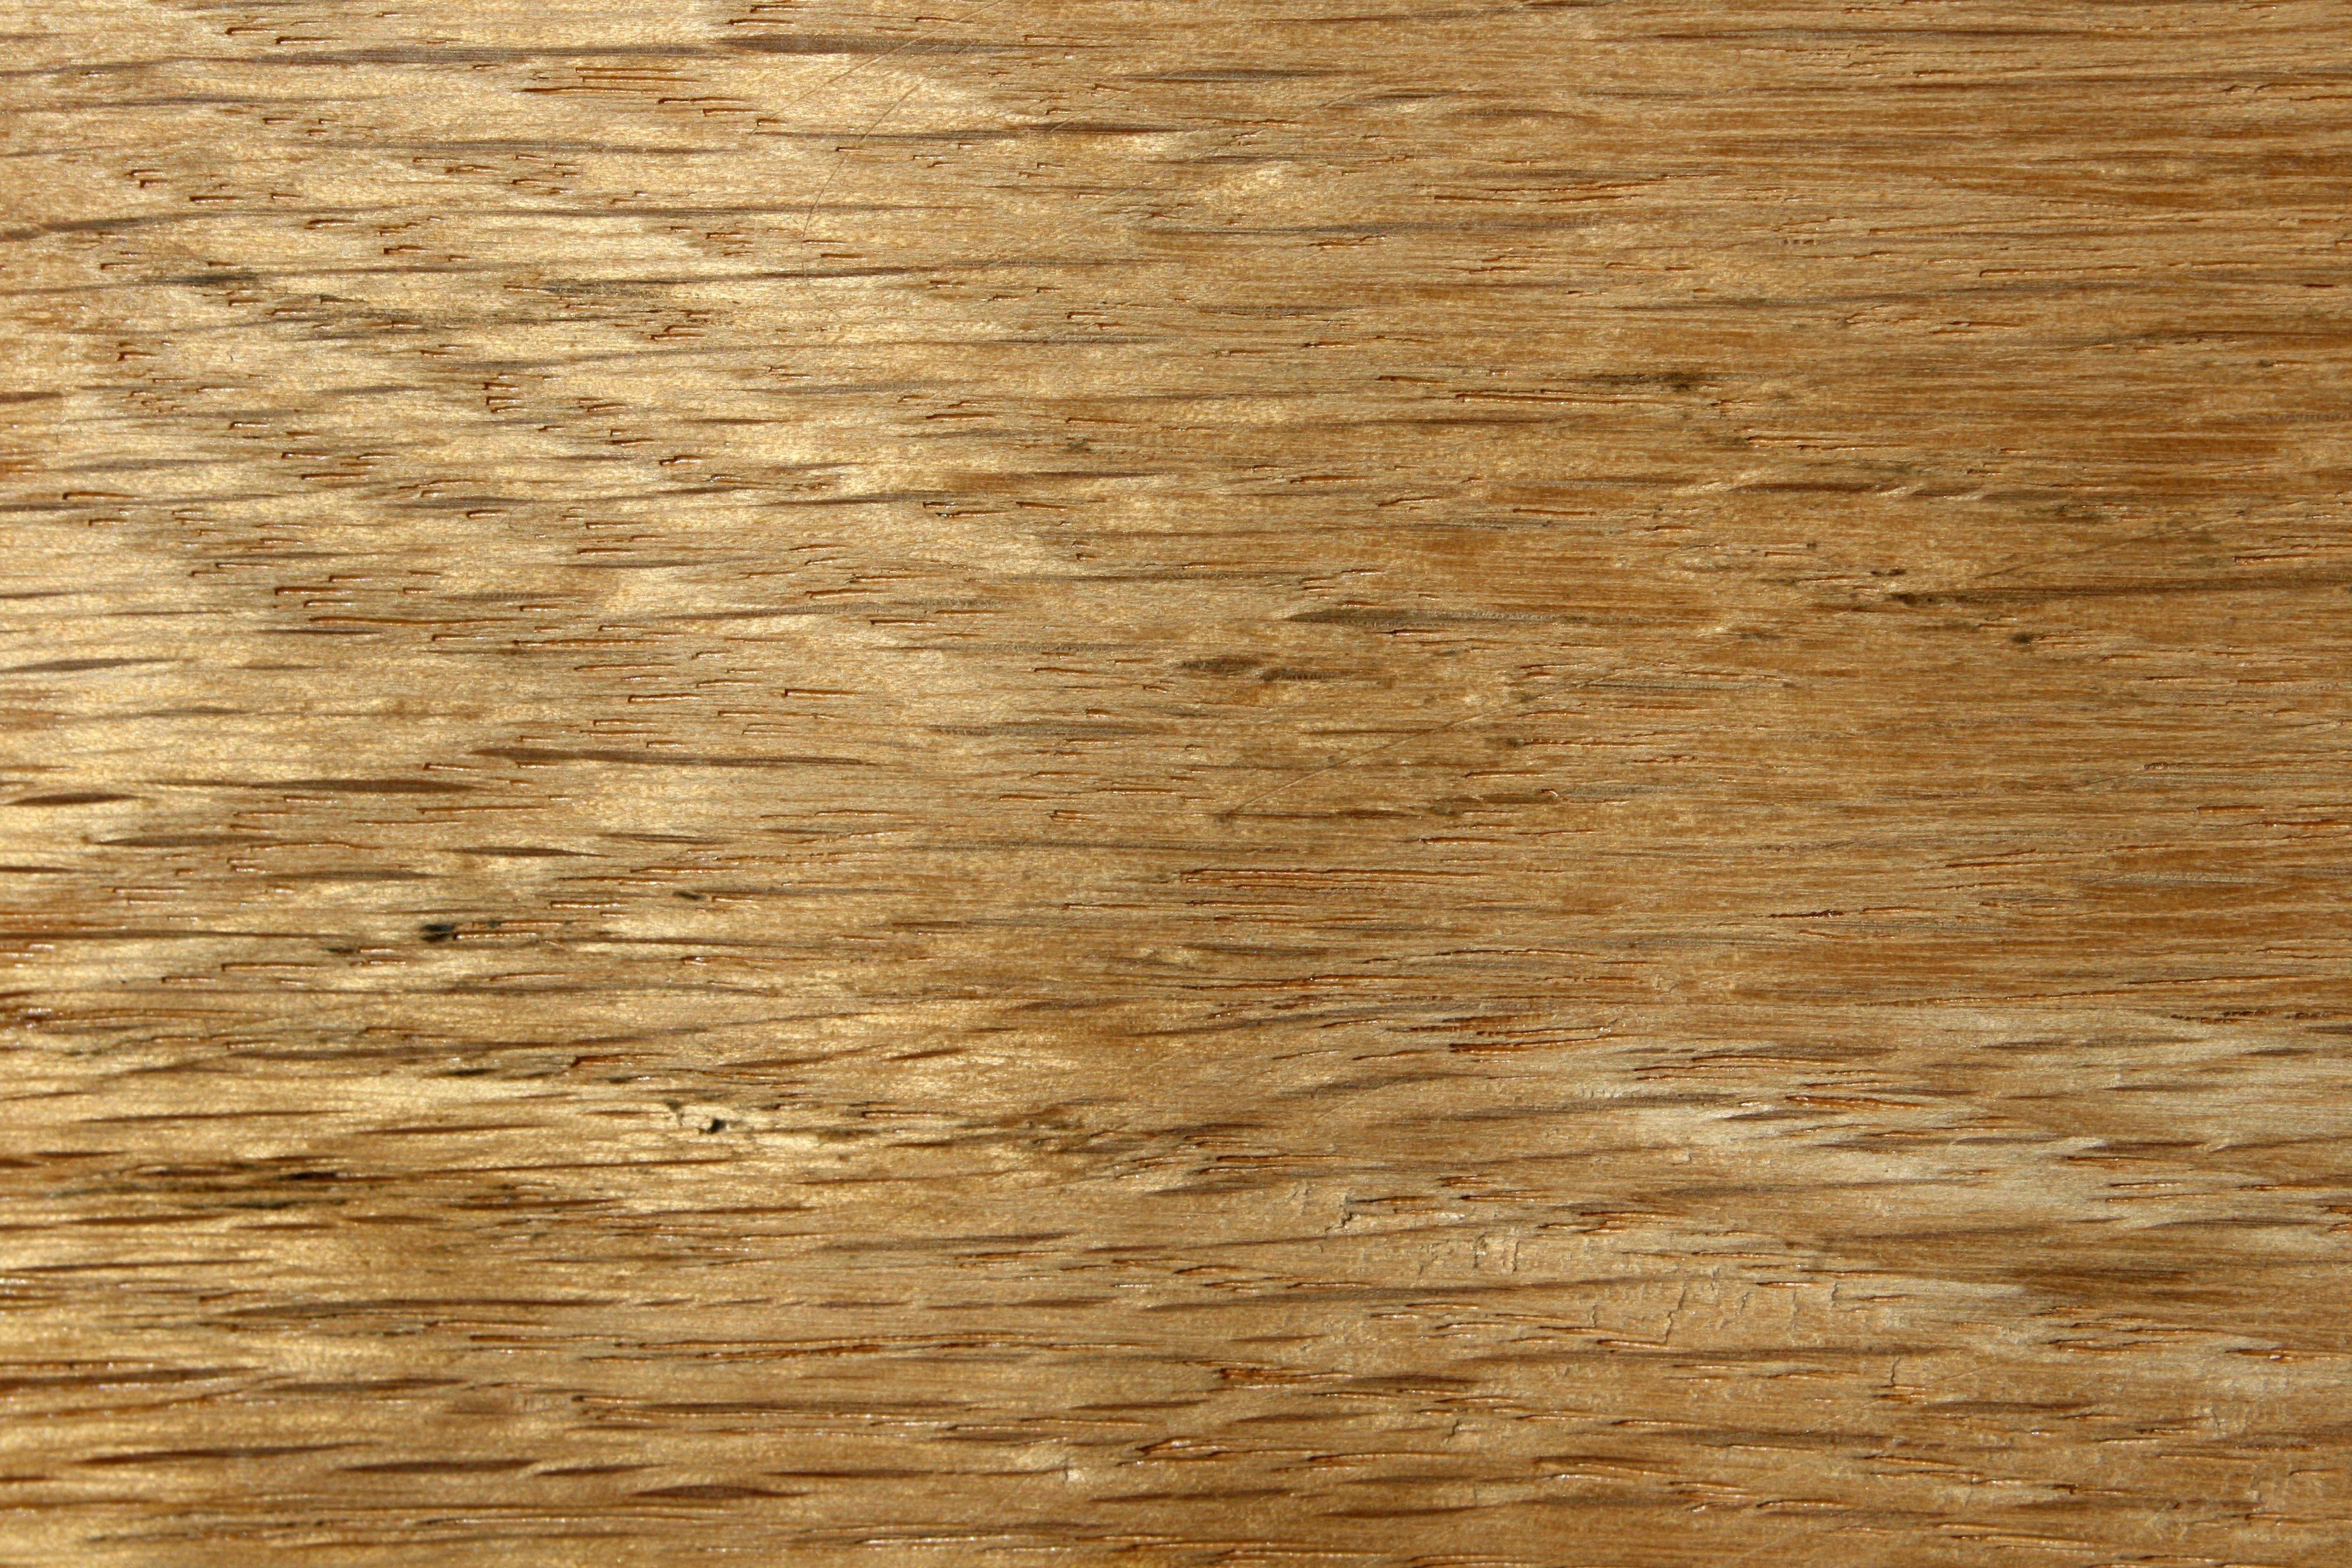 3888x2592px Paintable Wood Grain Texture Wallpaper